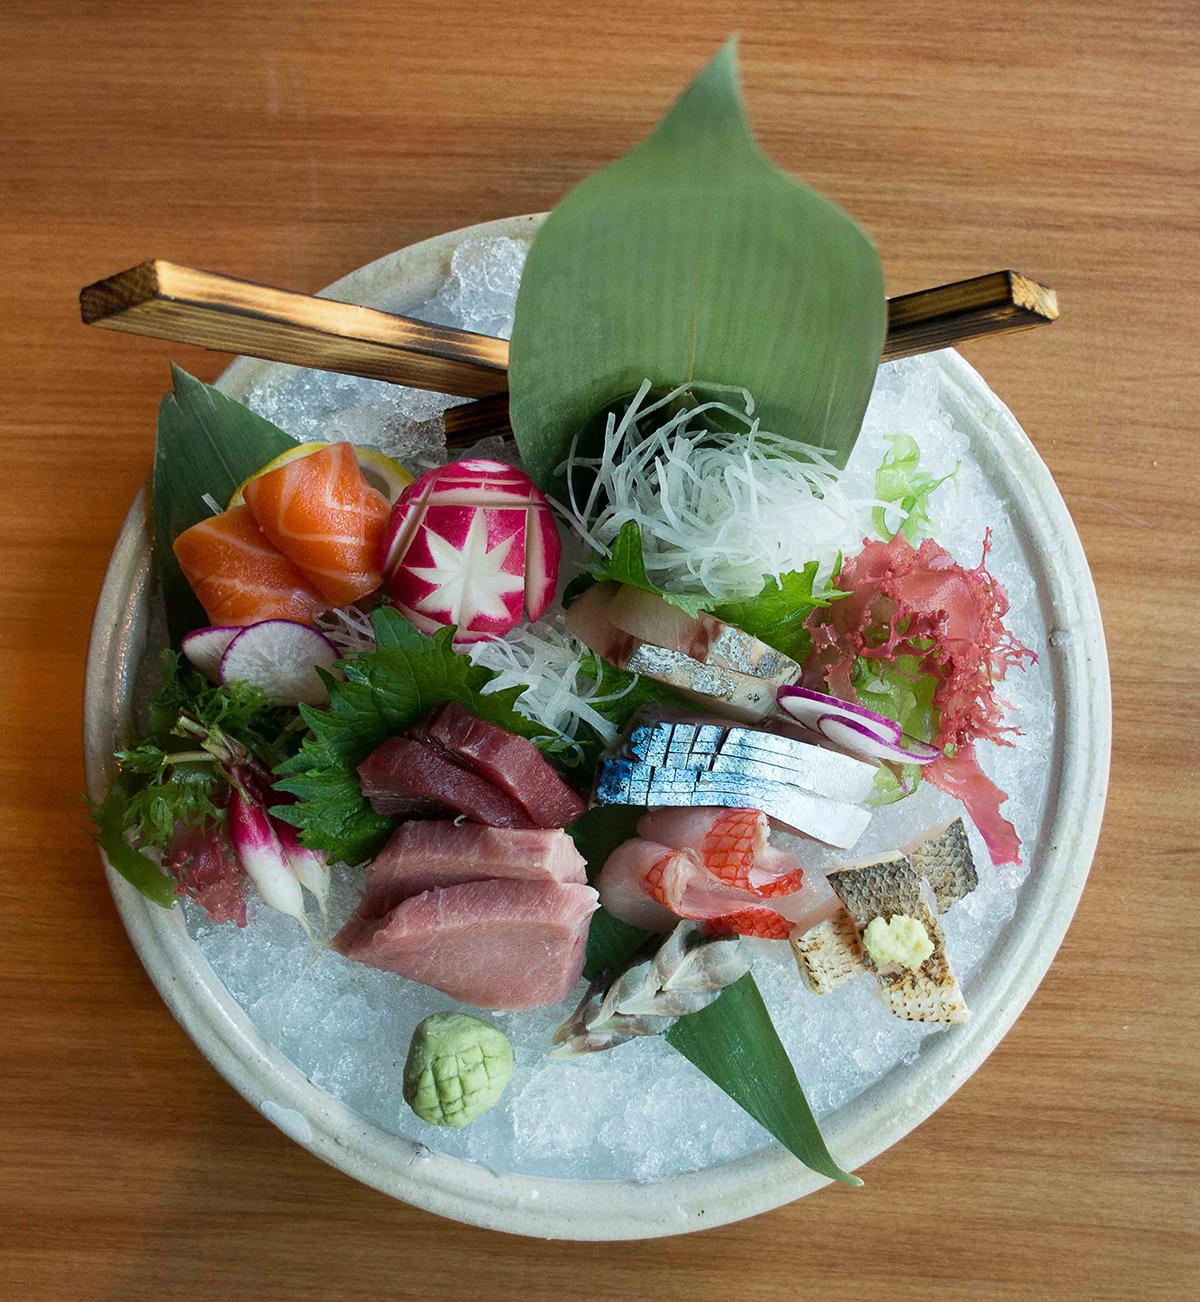 Pabu sashimi